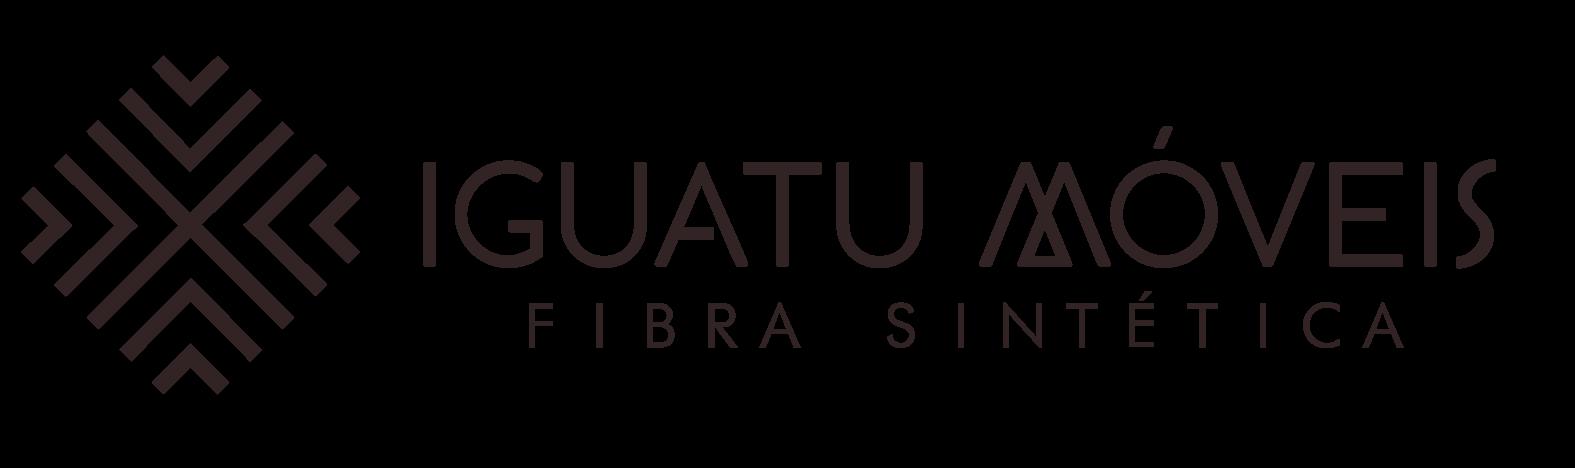 Iguatu